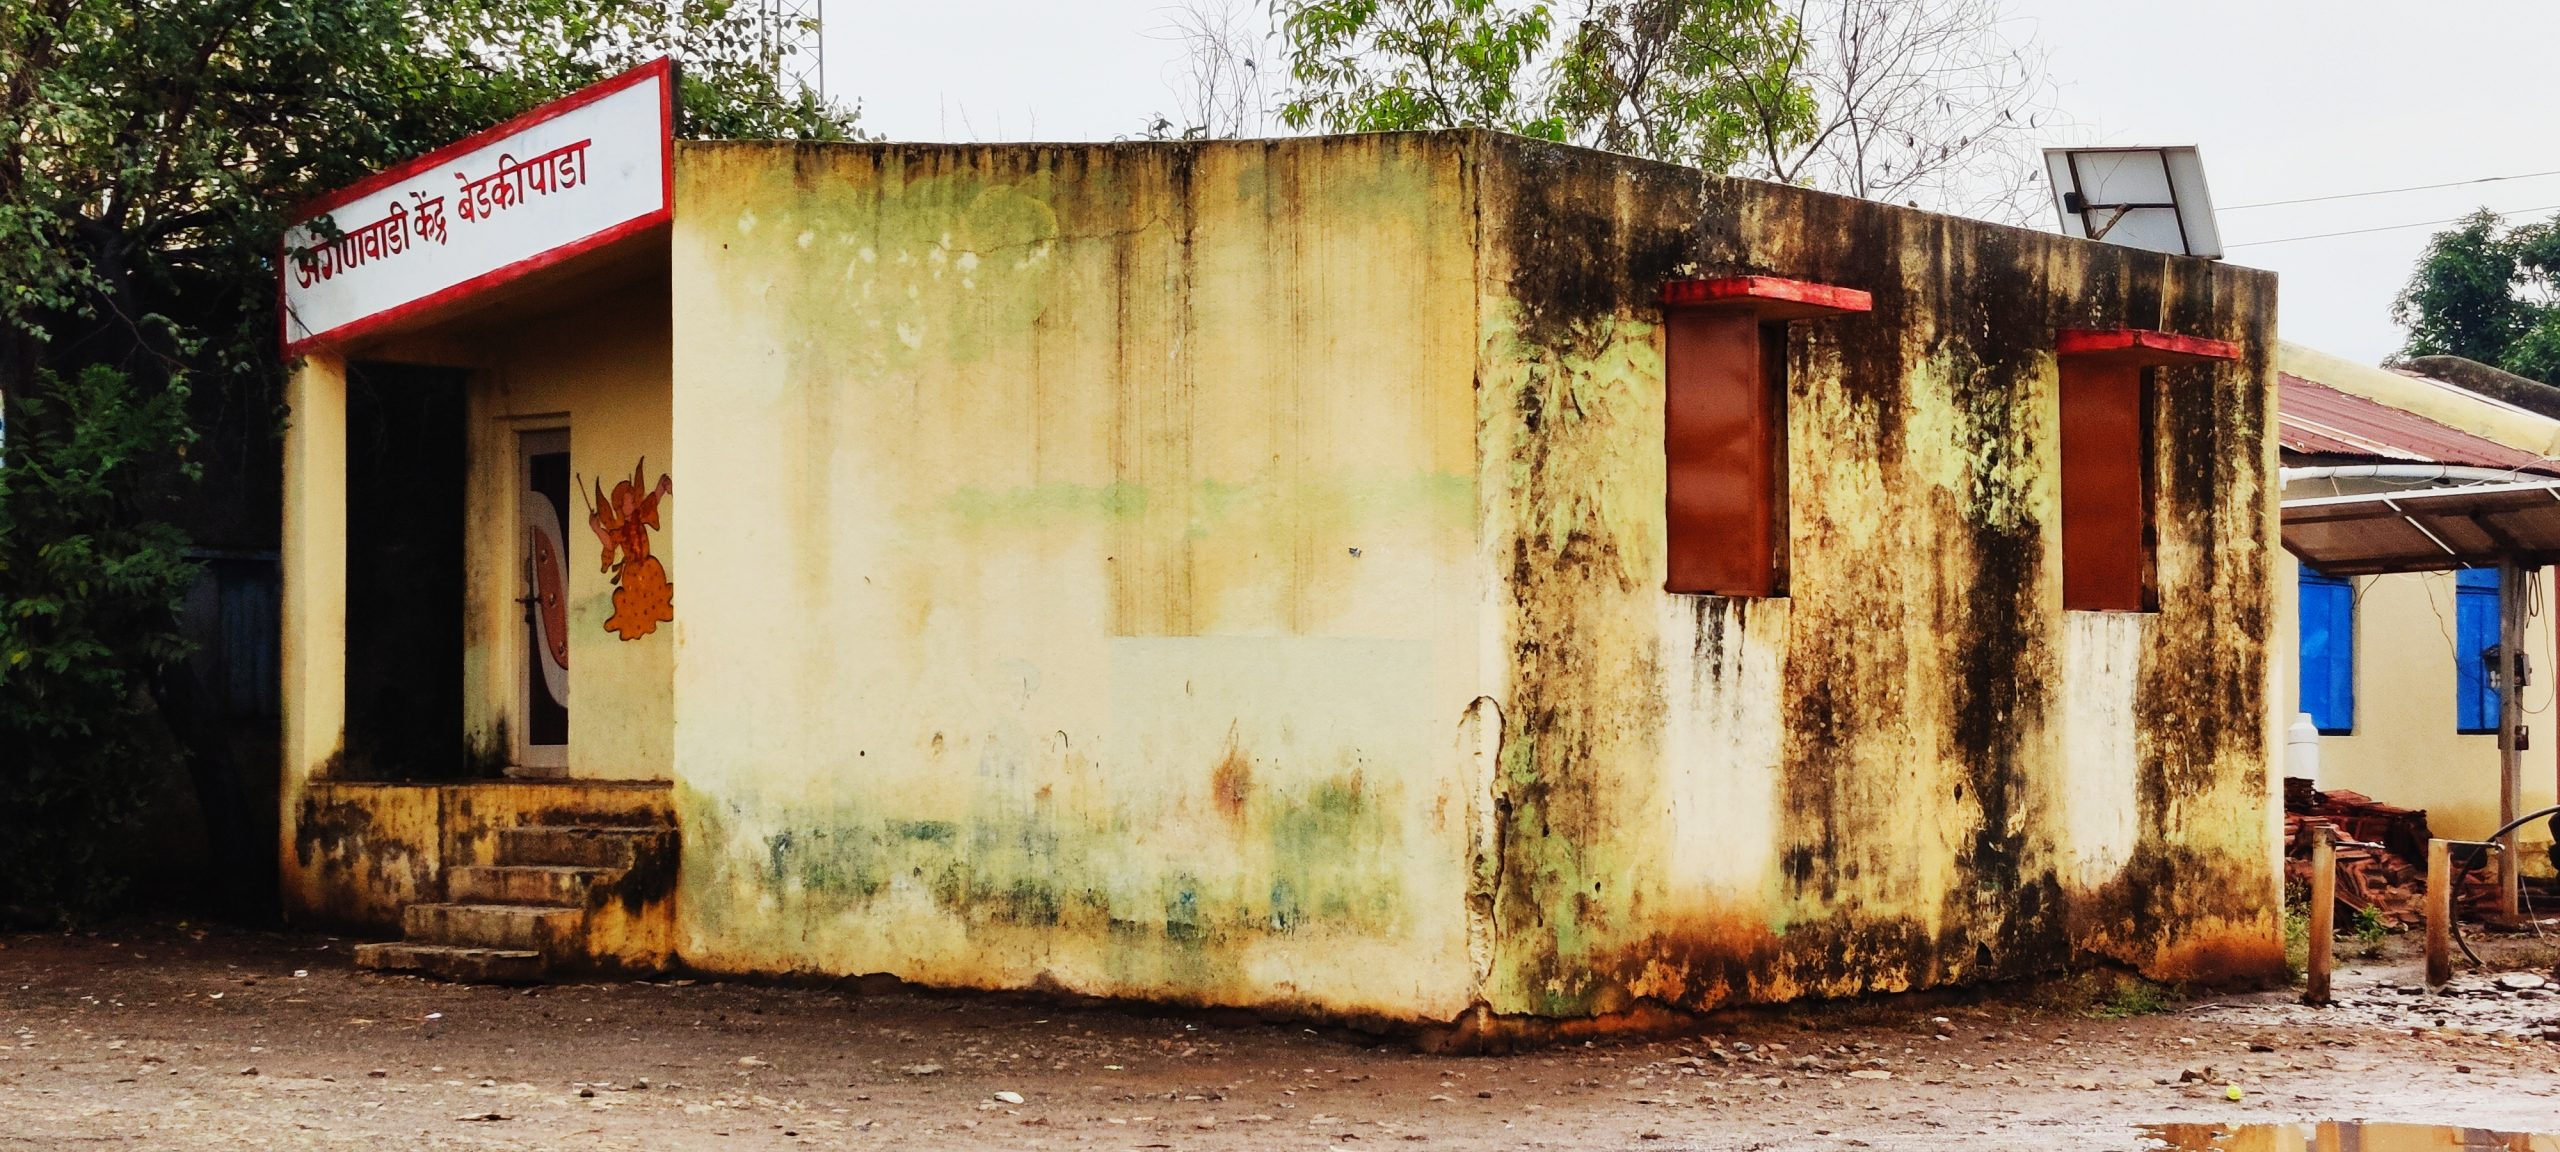 An Anganwadi center